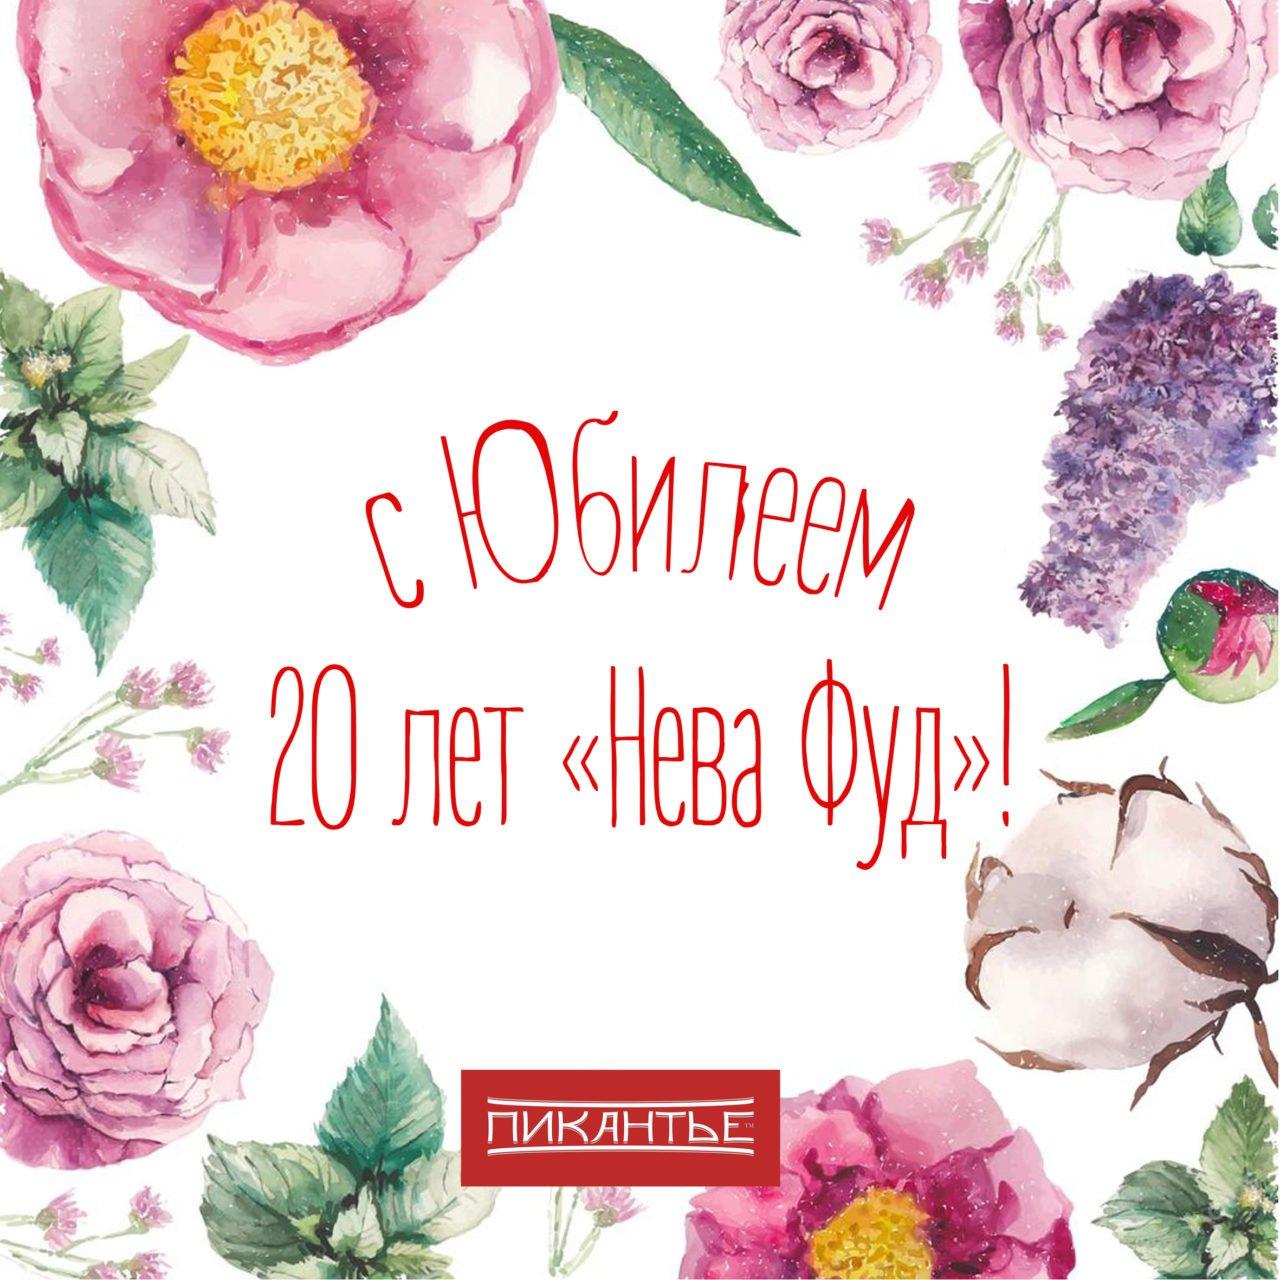 Нева Фуд 20 лет!